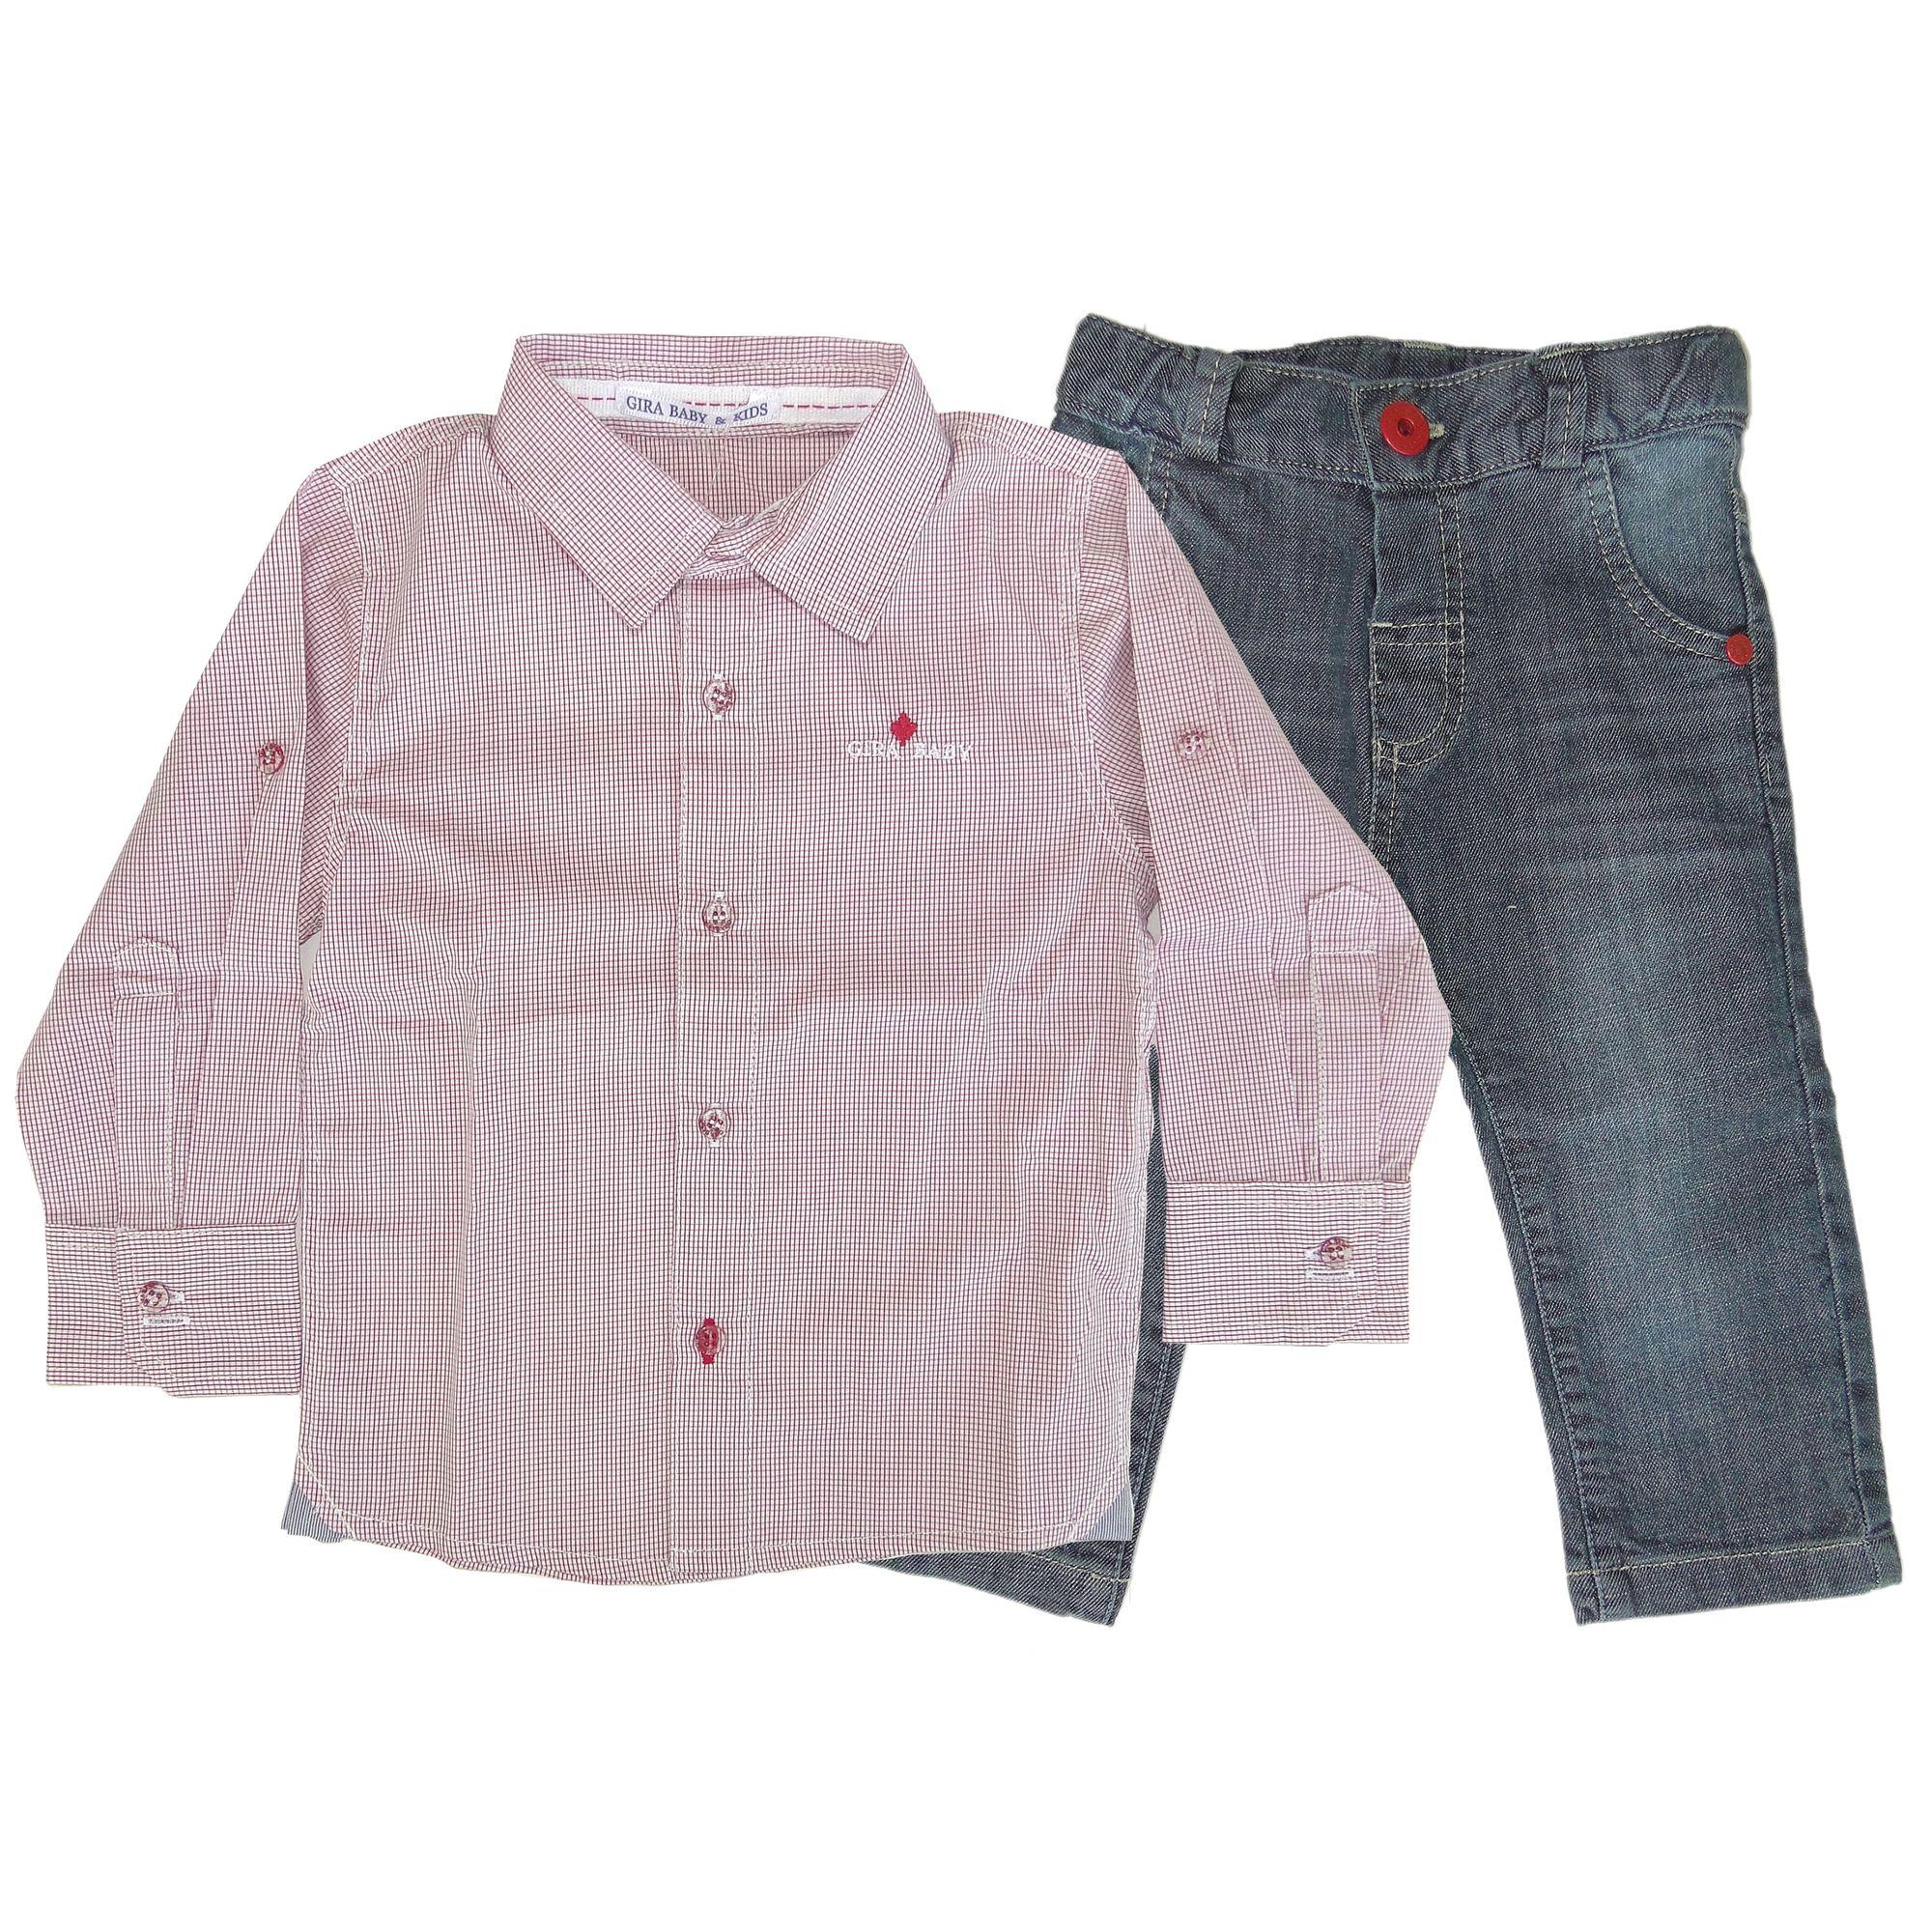 24675cb043 Camisa Infantil Xadrez e Calça Jeans - Roupas Infantis para Meninos é na  EcaMeleca Kids - EcaMeleca